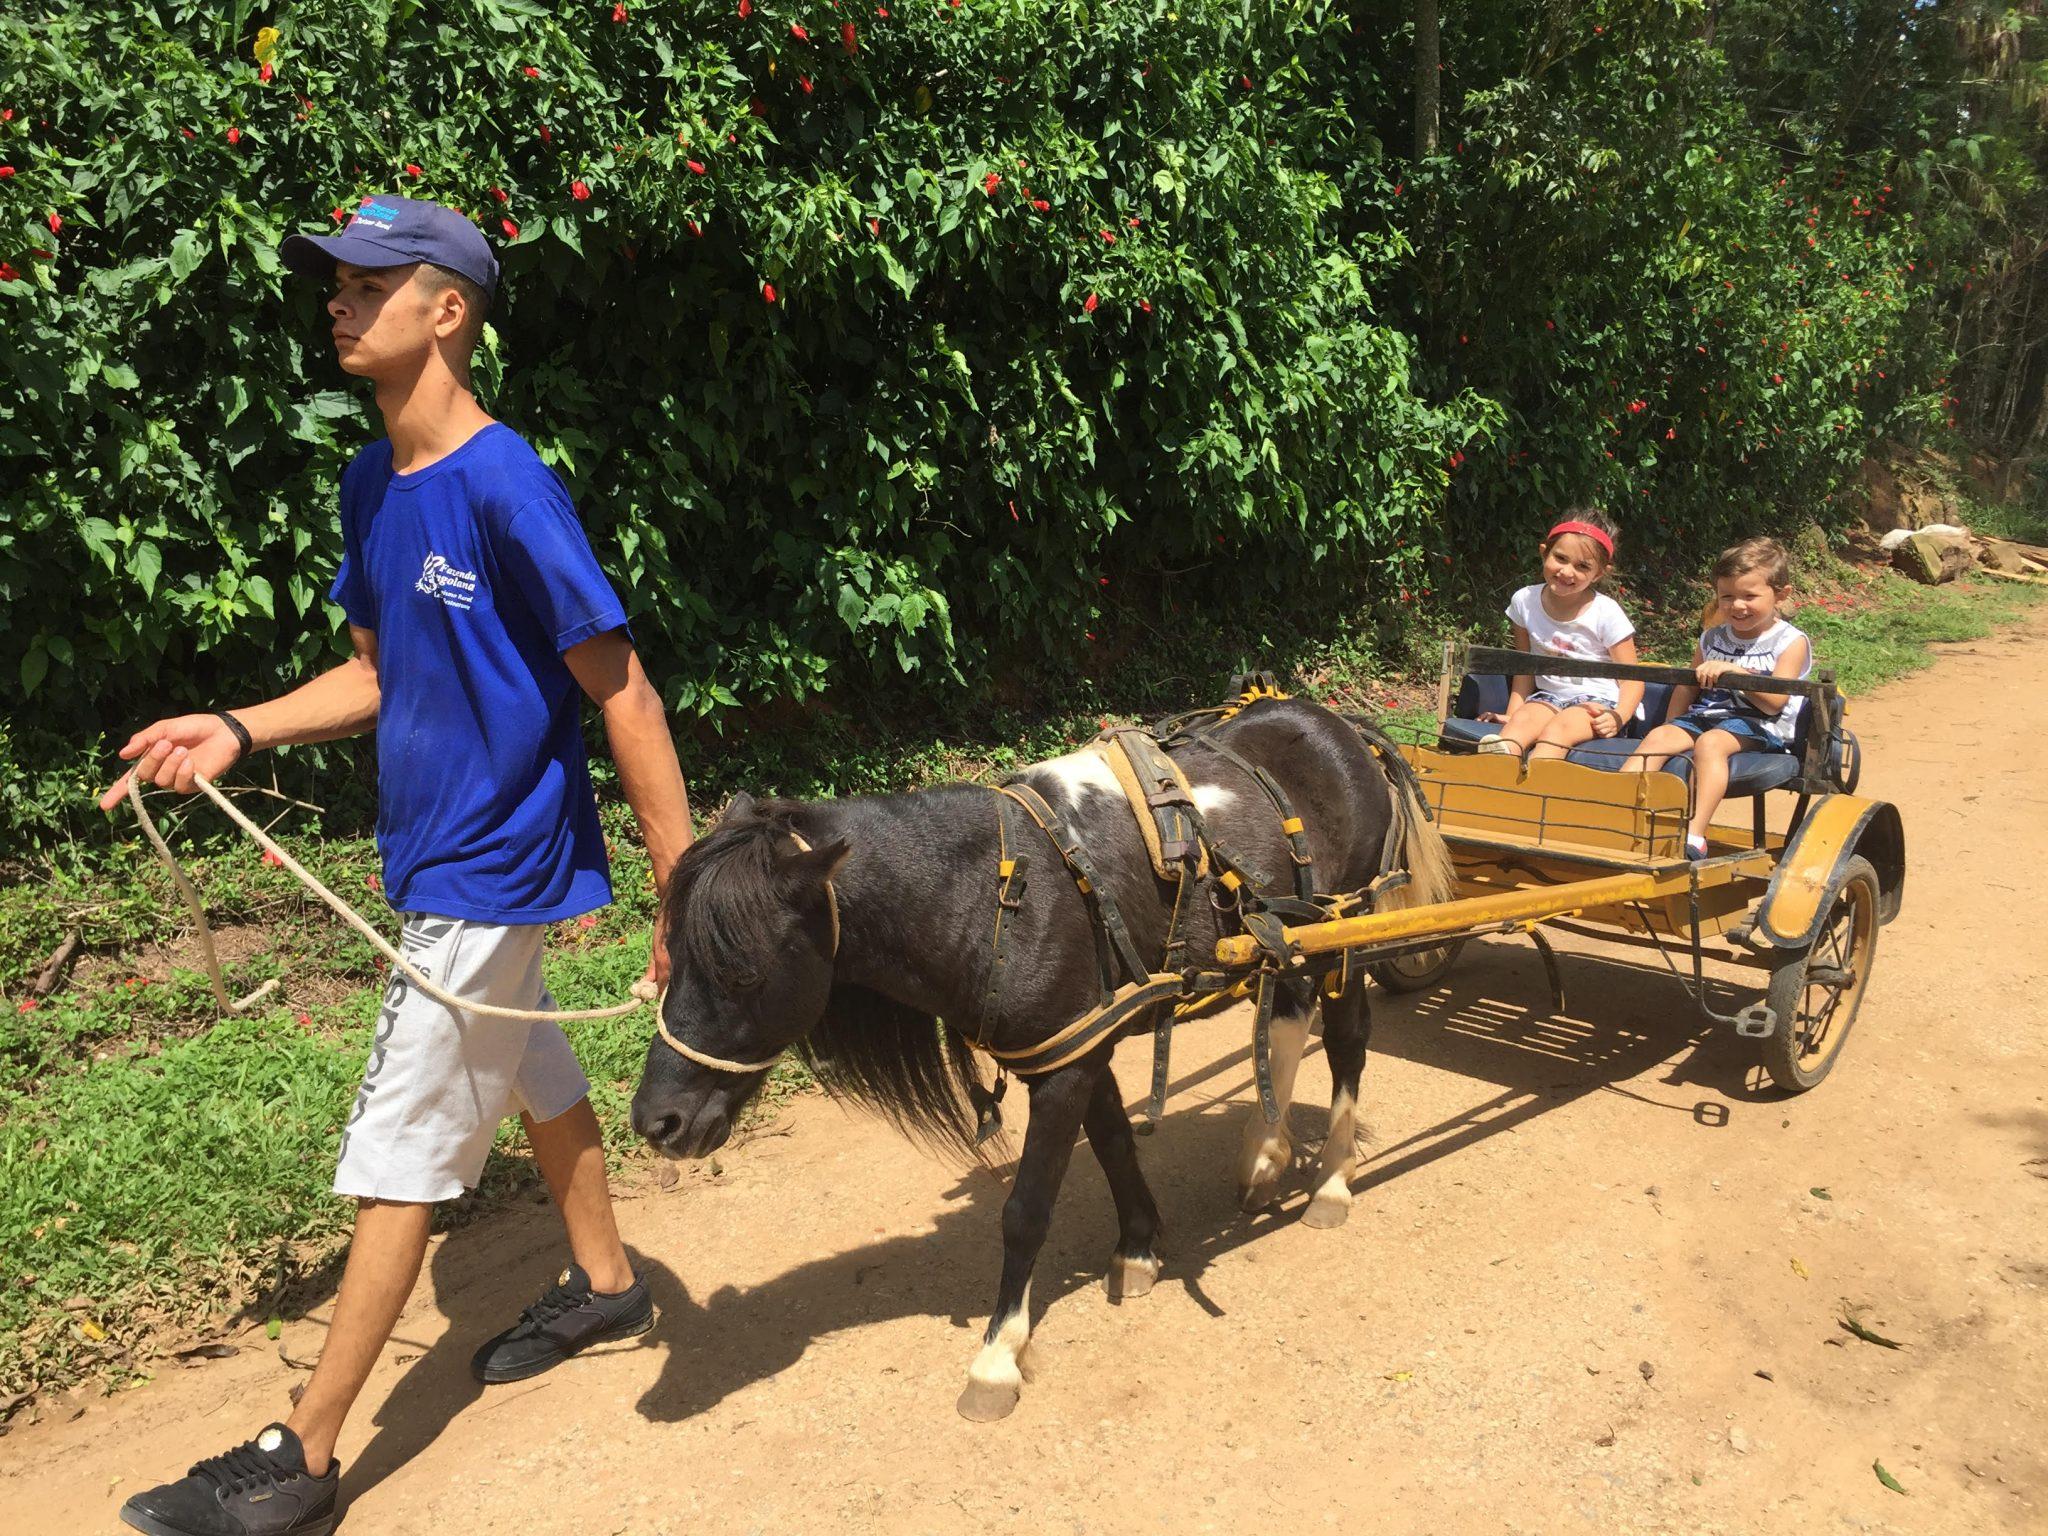 Fazenda Angolana oferece mais do que vivência rural para criançada